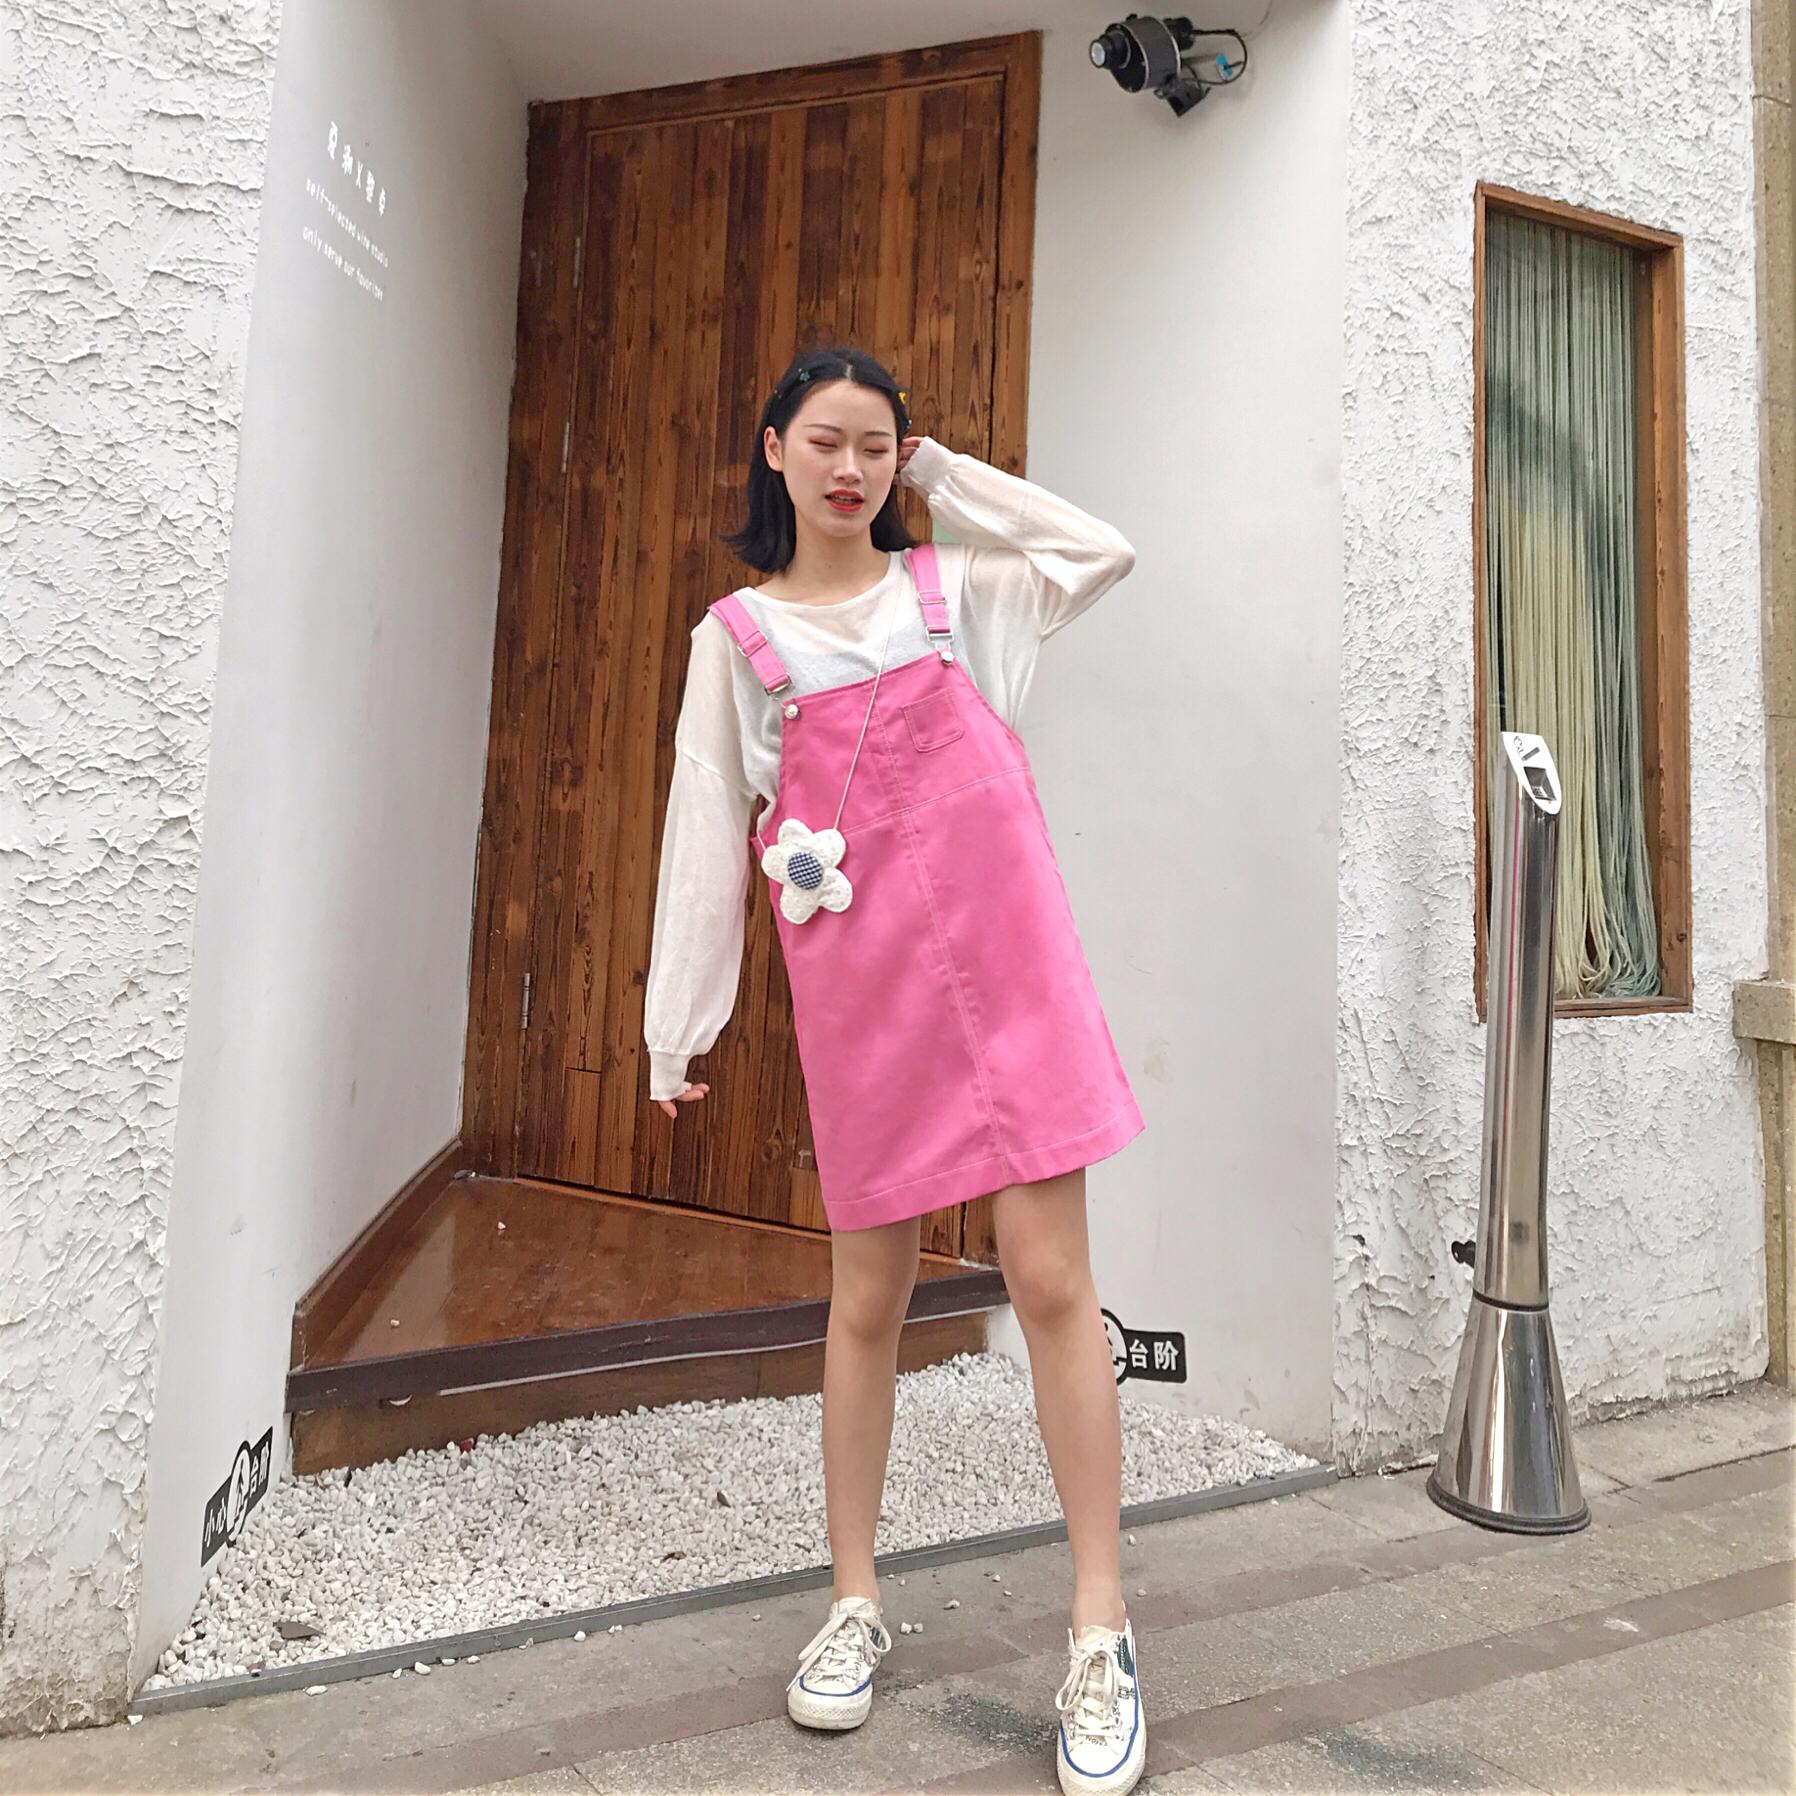 #六一我的节,最减龄穿搭!#今日份糖果色南瓜🍬 衣柜第一条芭比粉的裙子 比我想象好看呀 里面搭配了白色网纱长袖干净舒服 简直是减龄💯